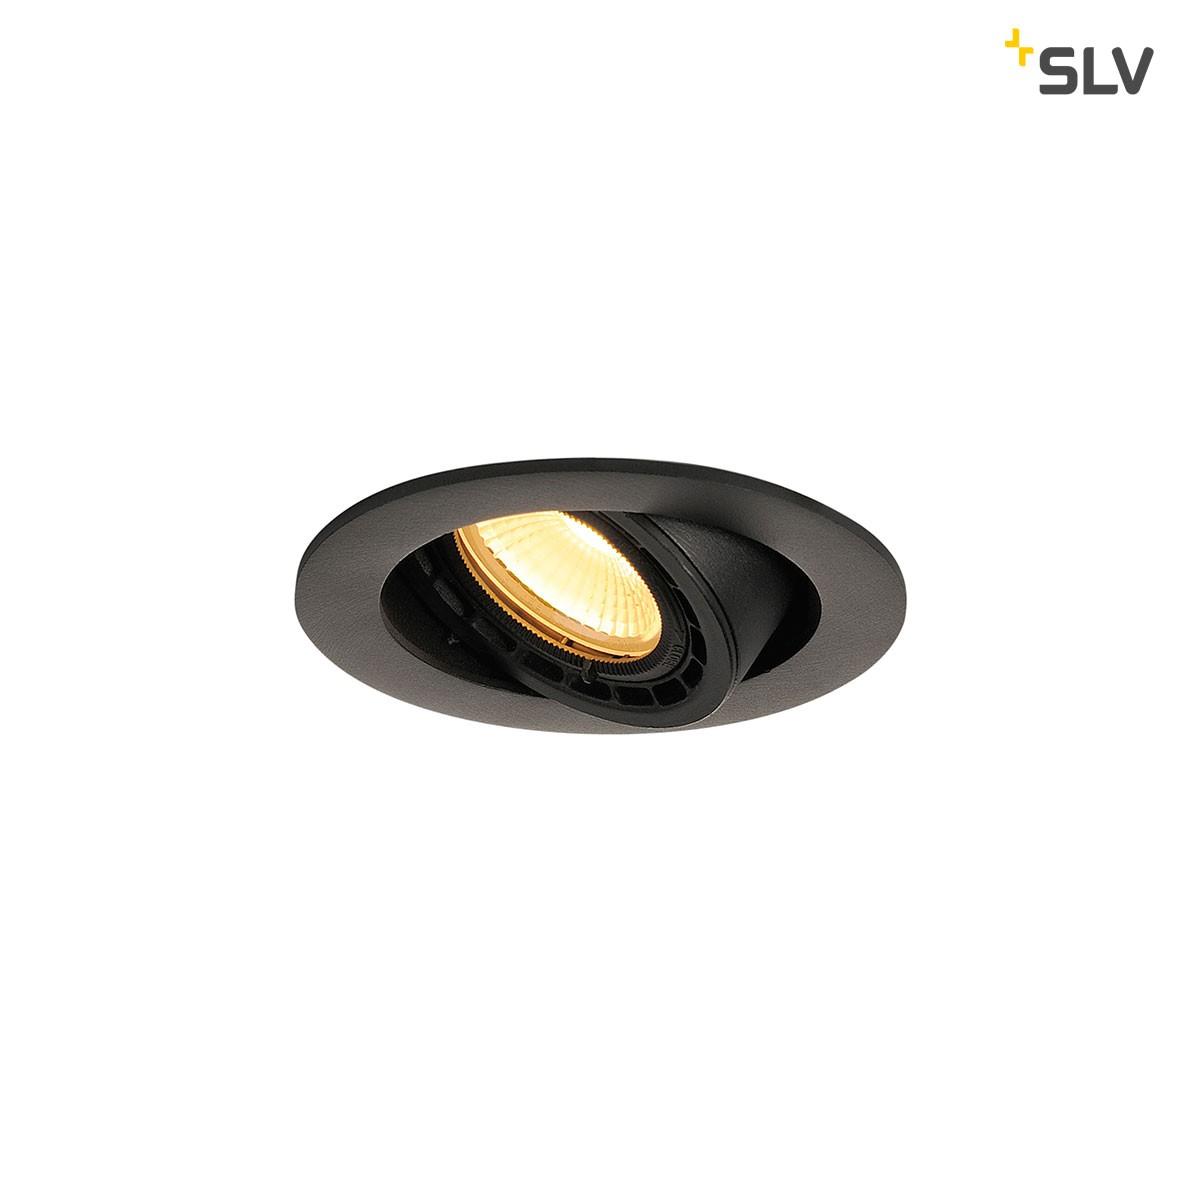 SLV Supros Einbaustrahler, schwarz